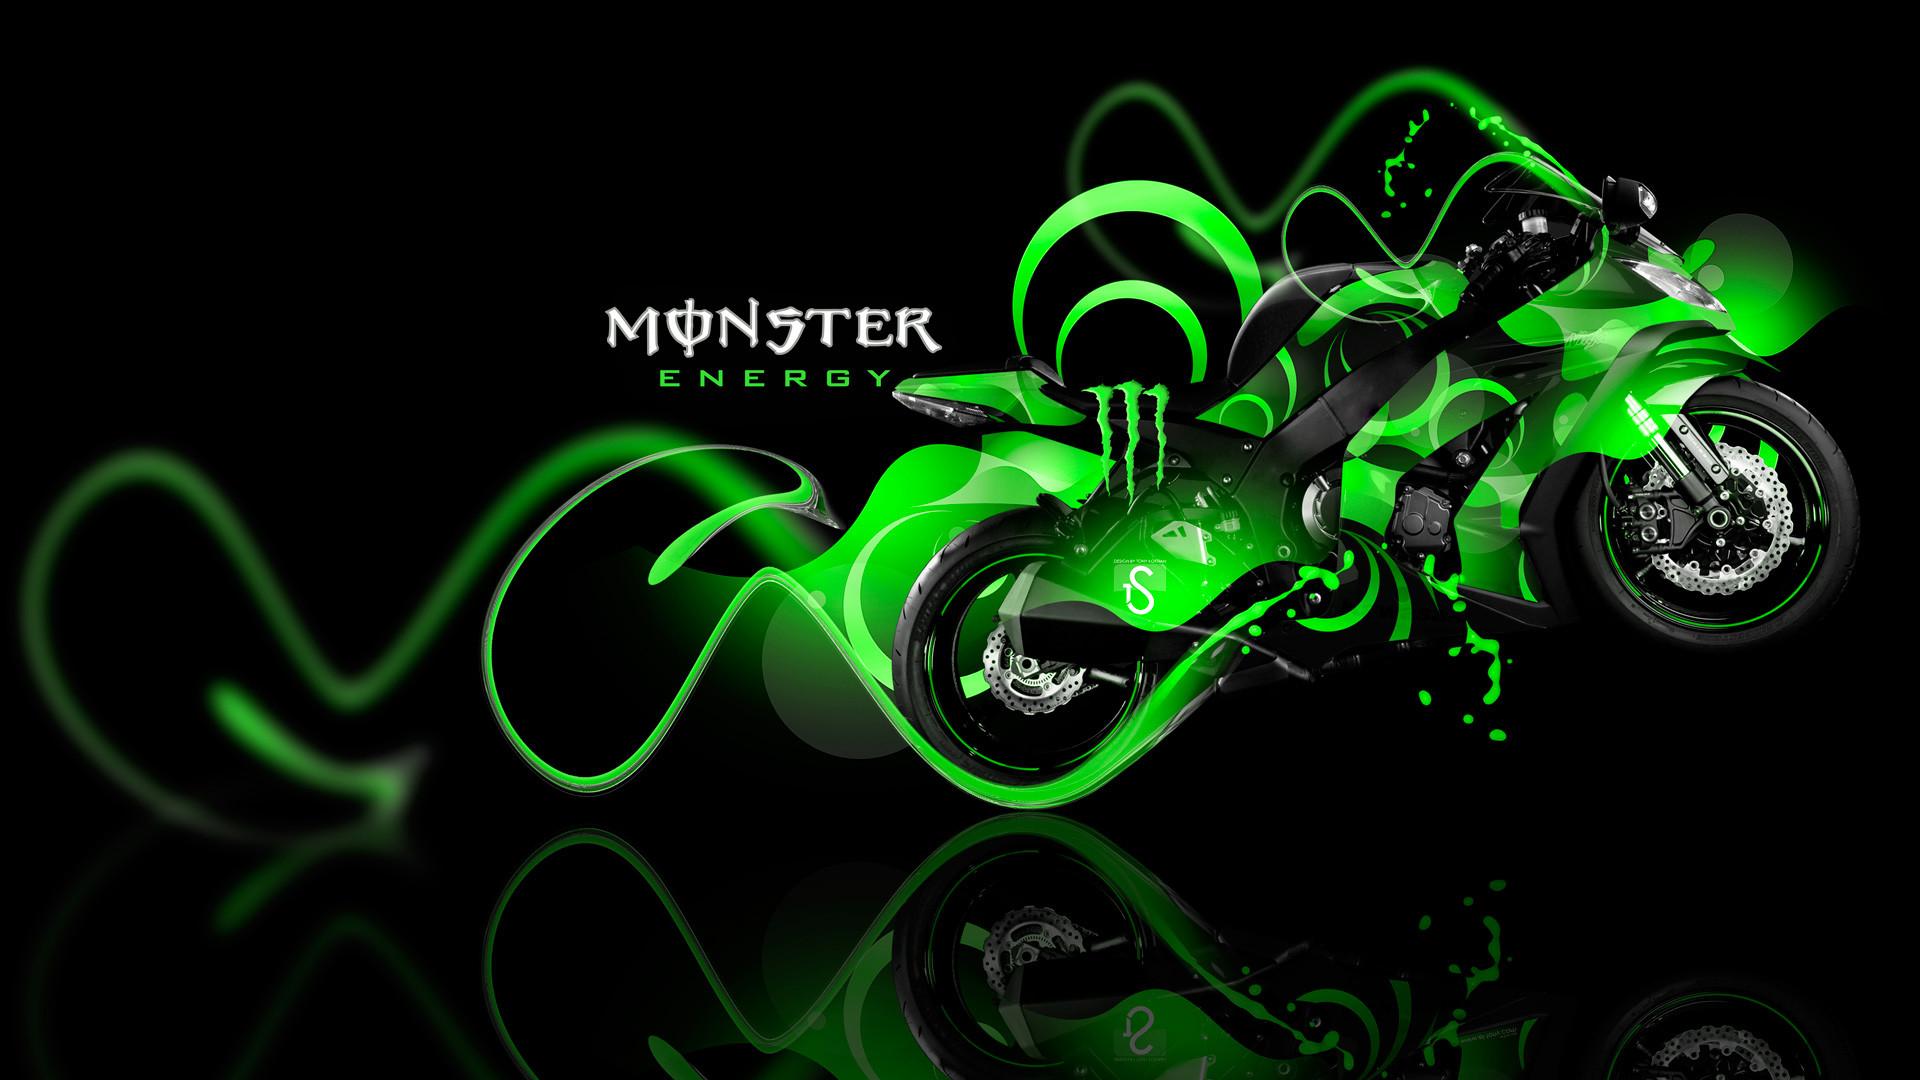 Monster energy desktop wallpaper 70 images 1920x1080 monster energy wallpaper free voltagebd Choice Image